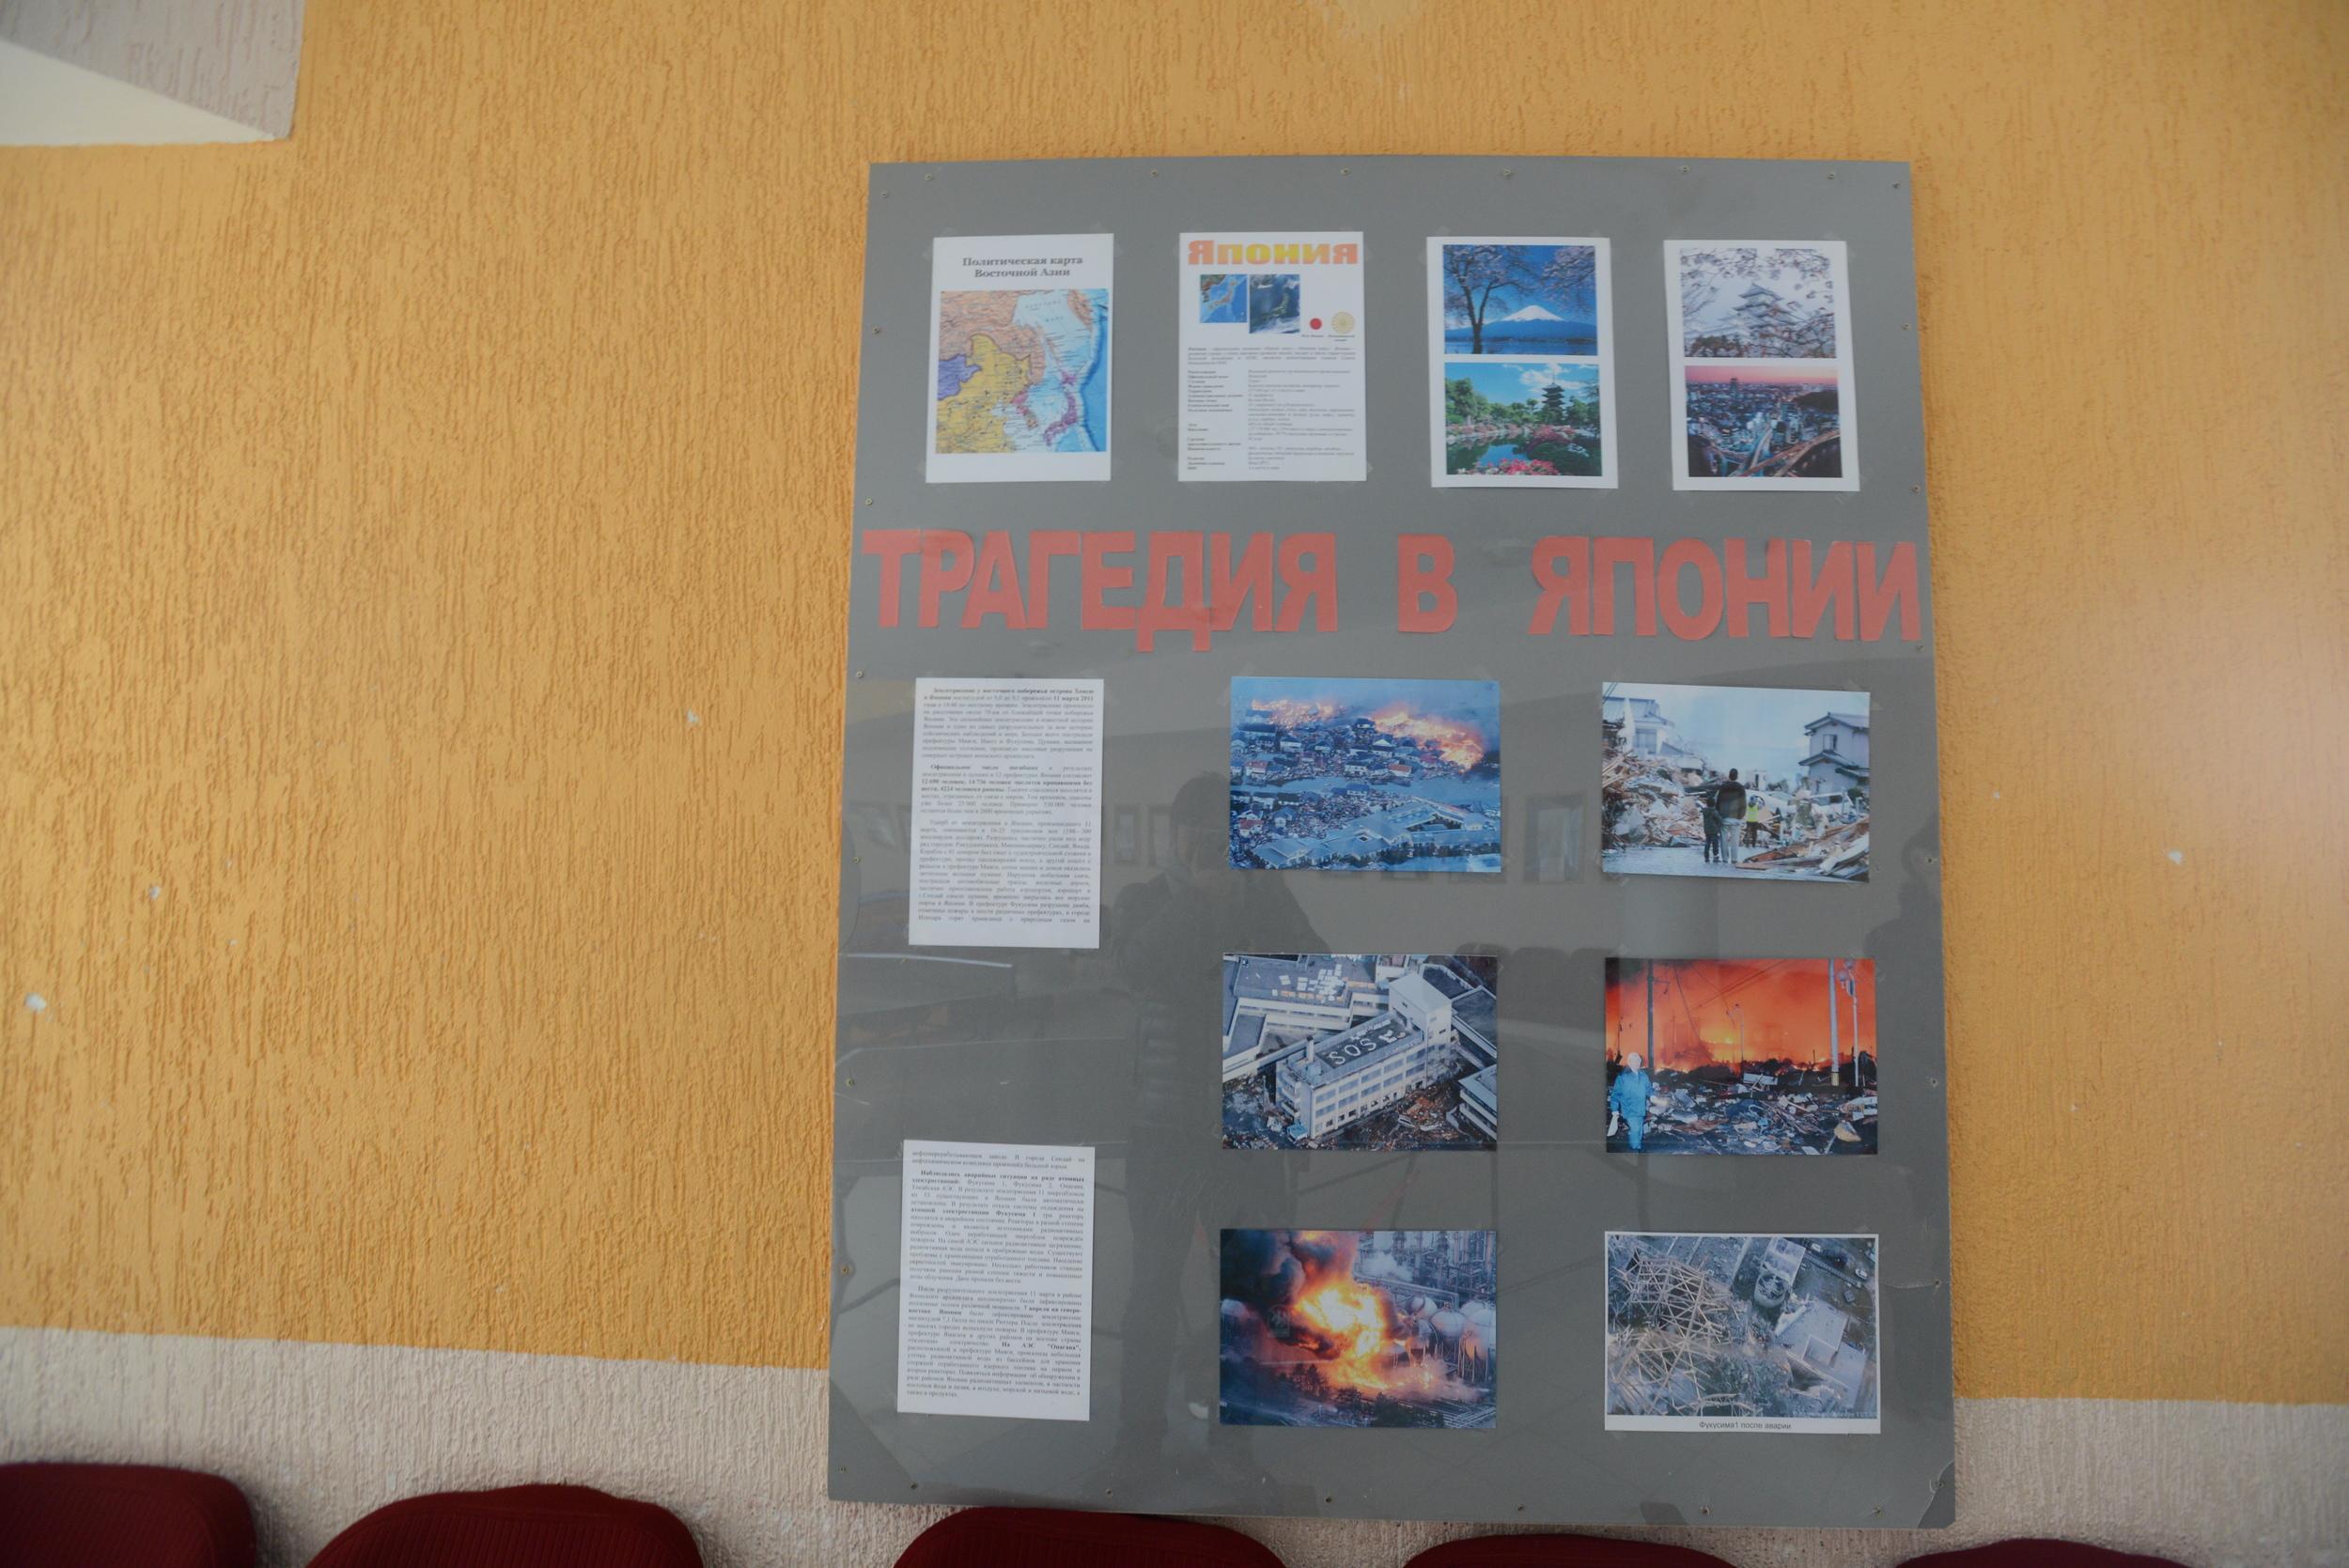 東日本大震災、福島原発の記事が大きく文化センター内に貼られている。